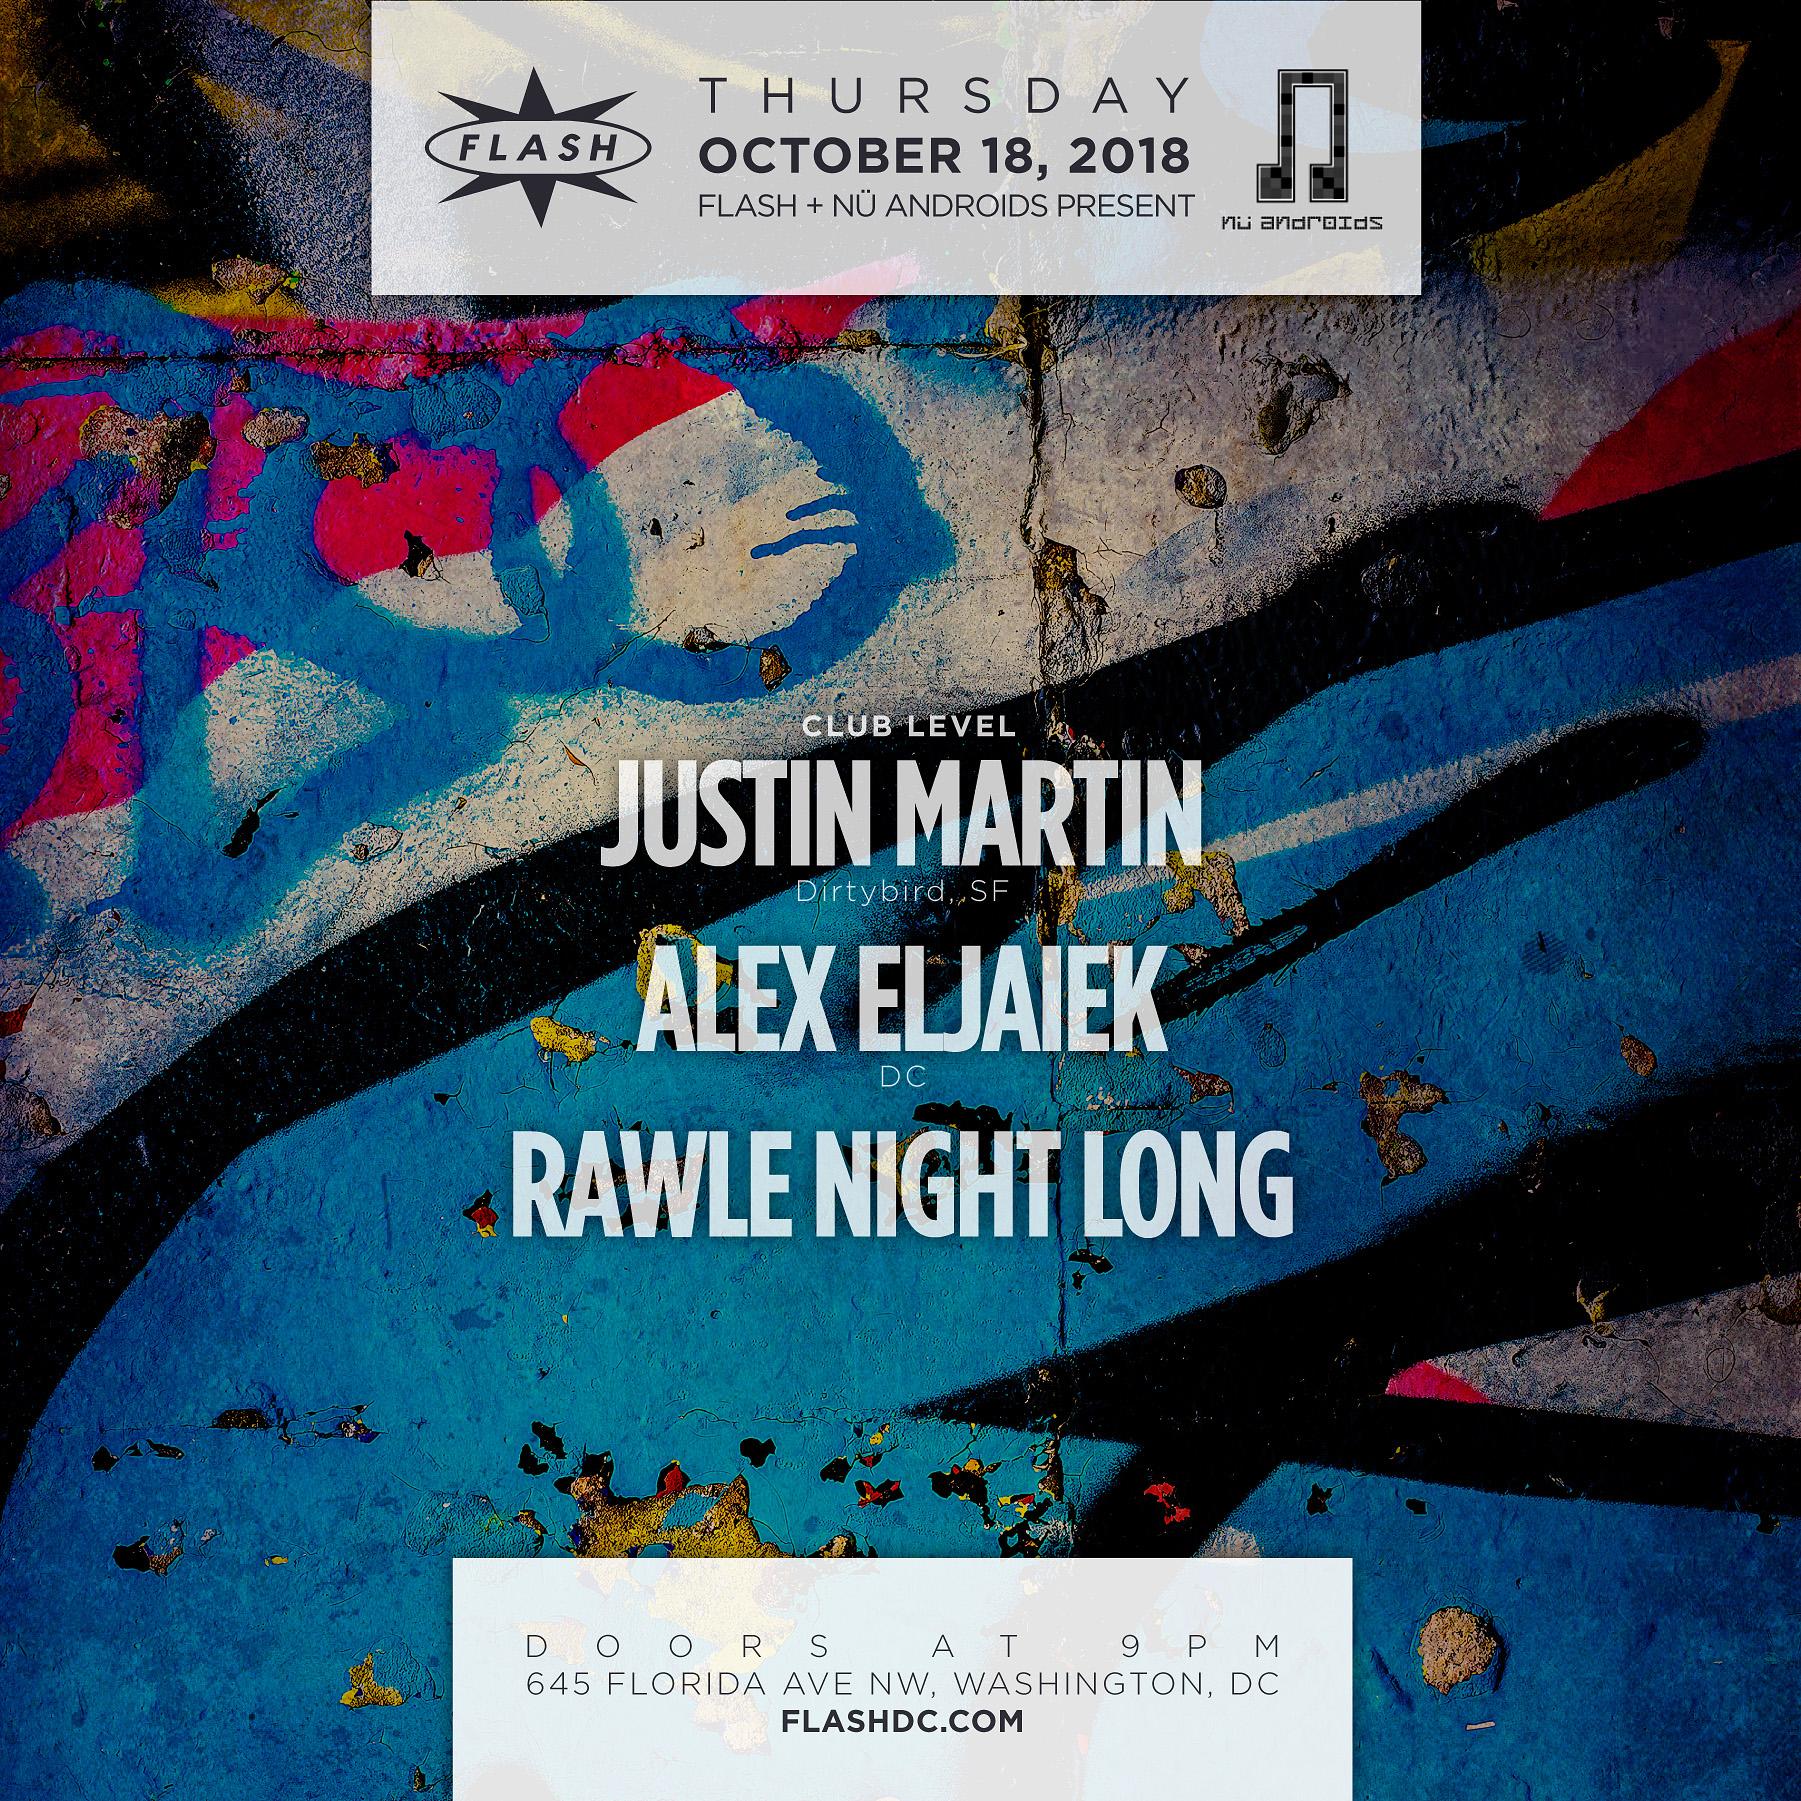 Justin Martin event thumbnail